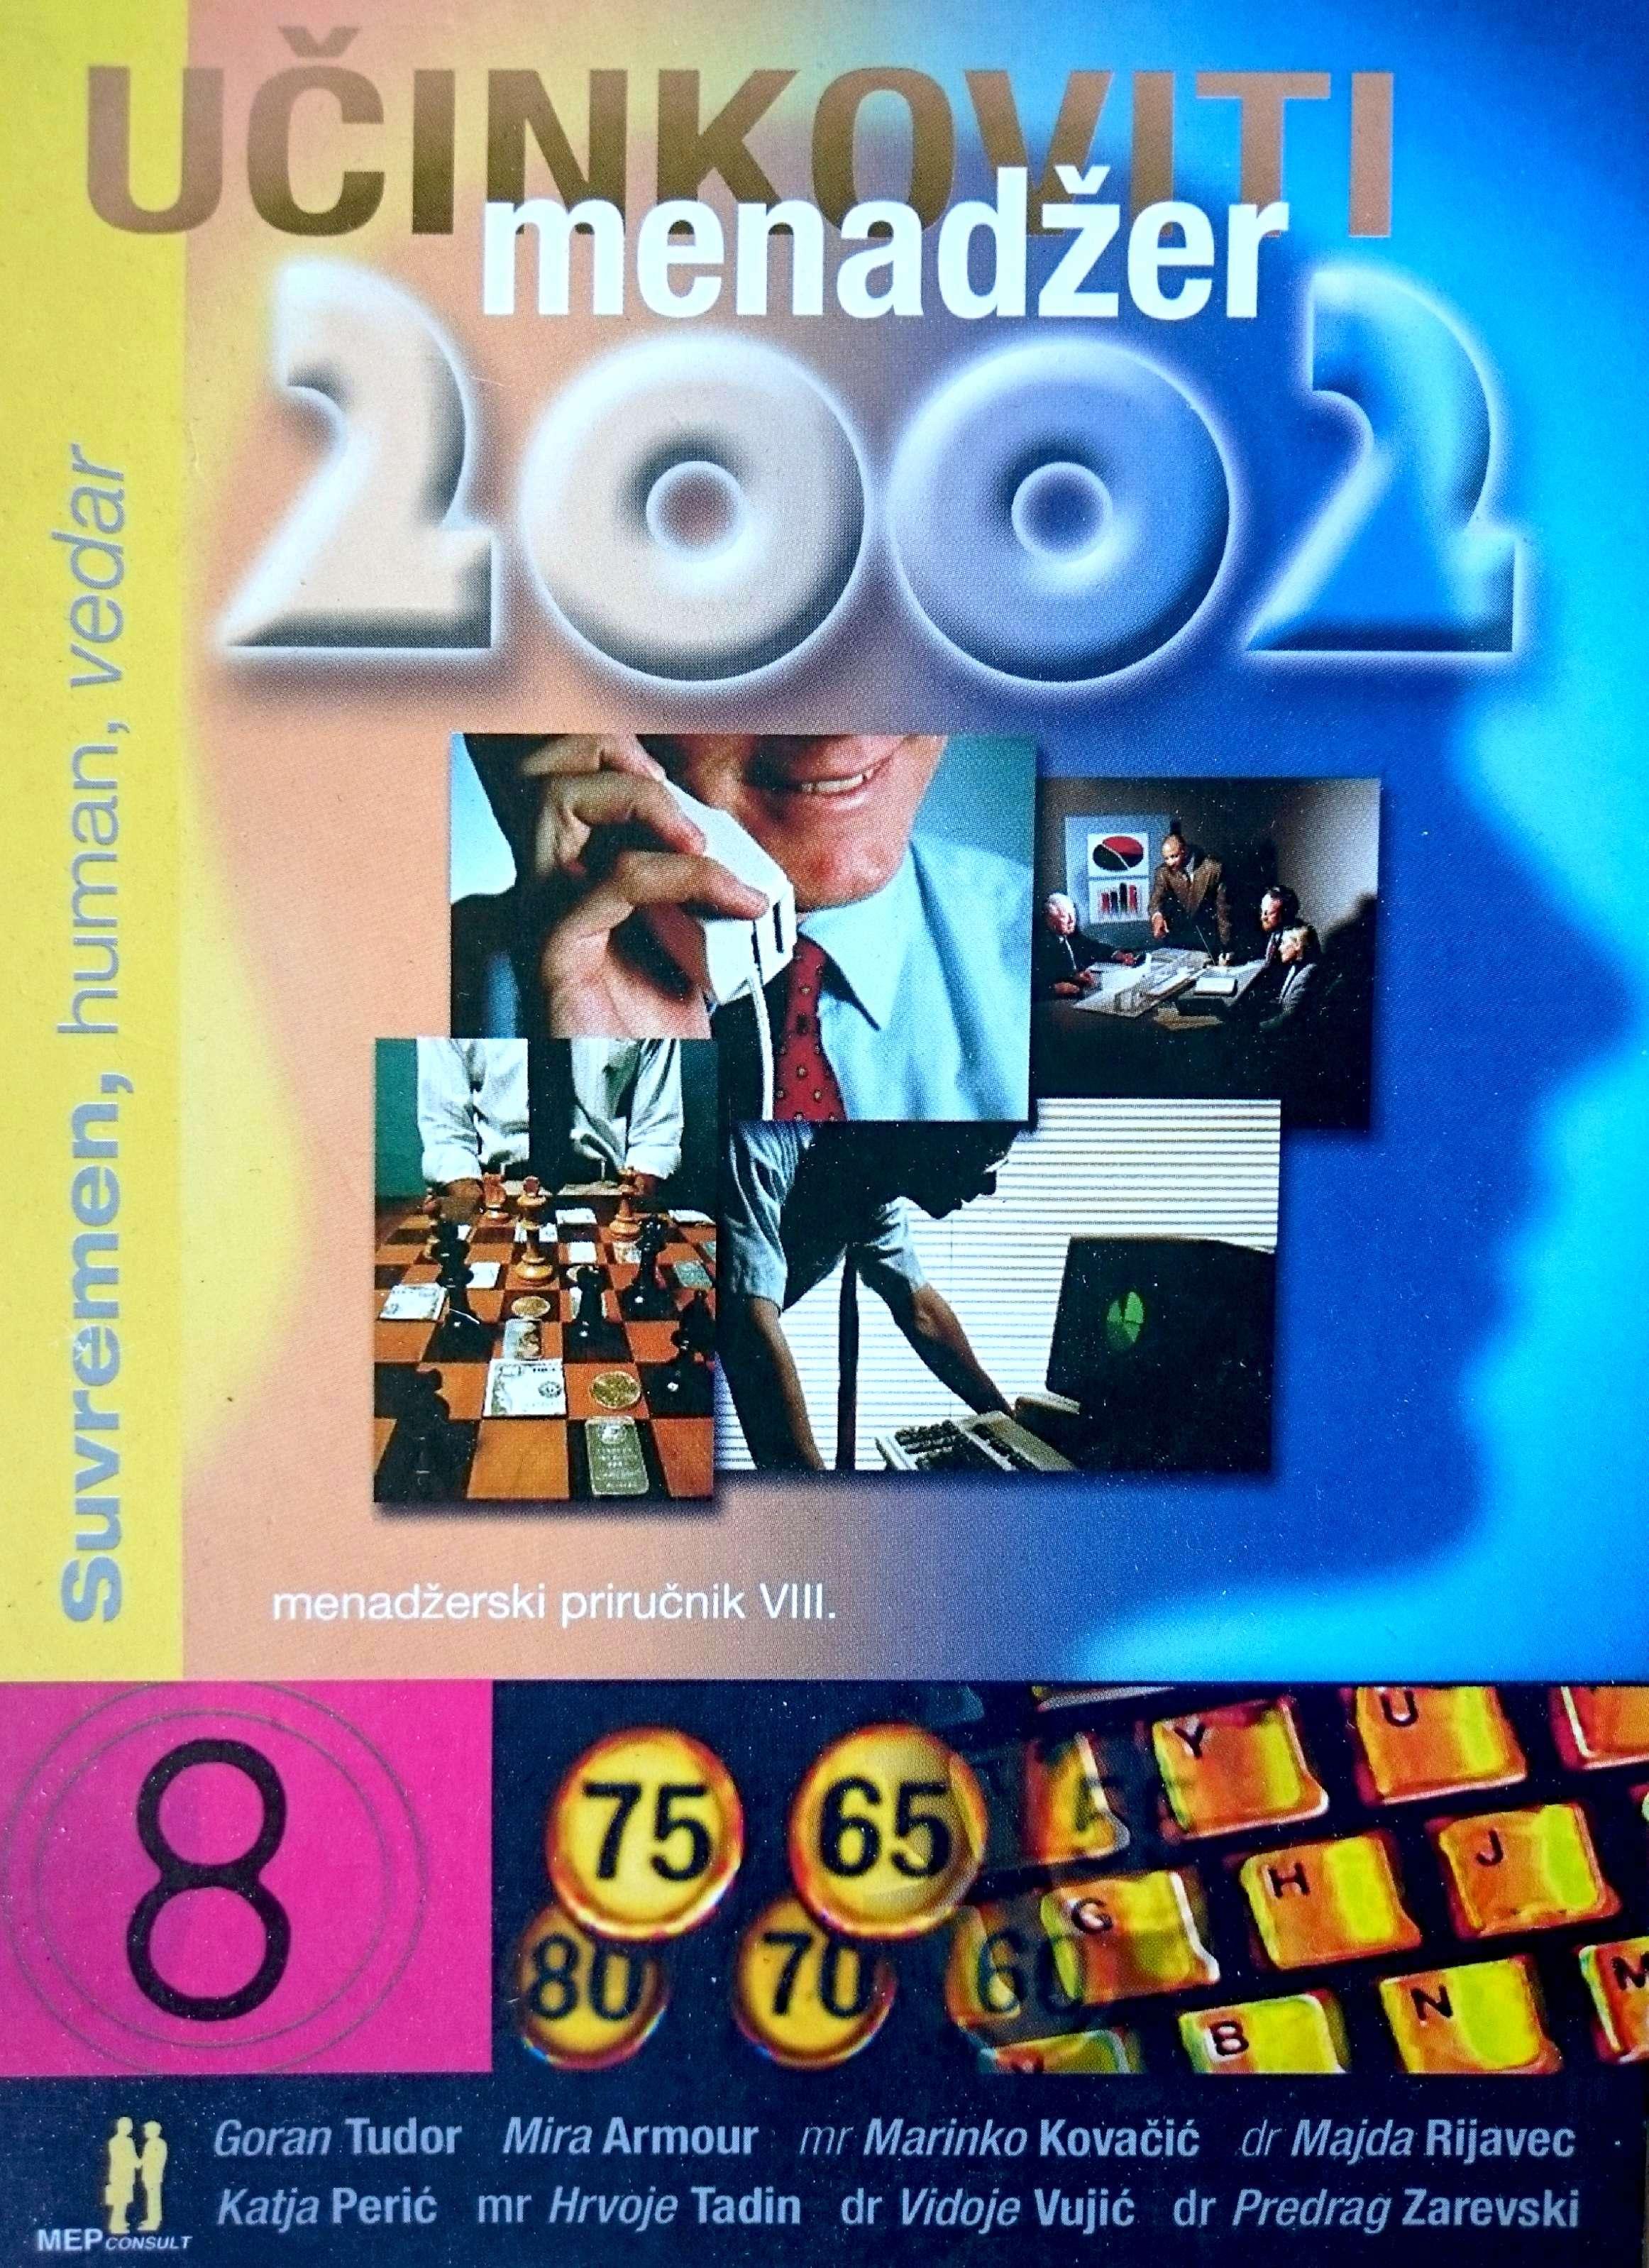 UČINKOVITI MENADŽER 2002 - Naruči svoju knjigu